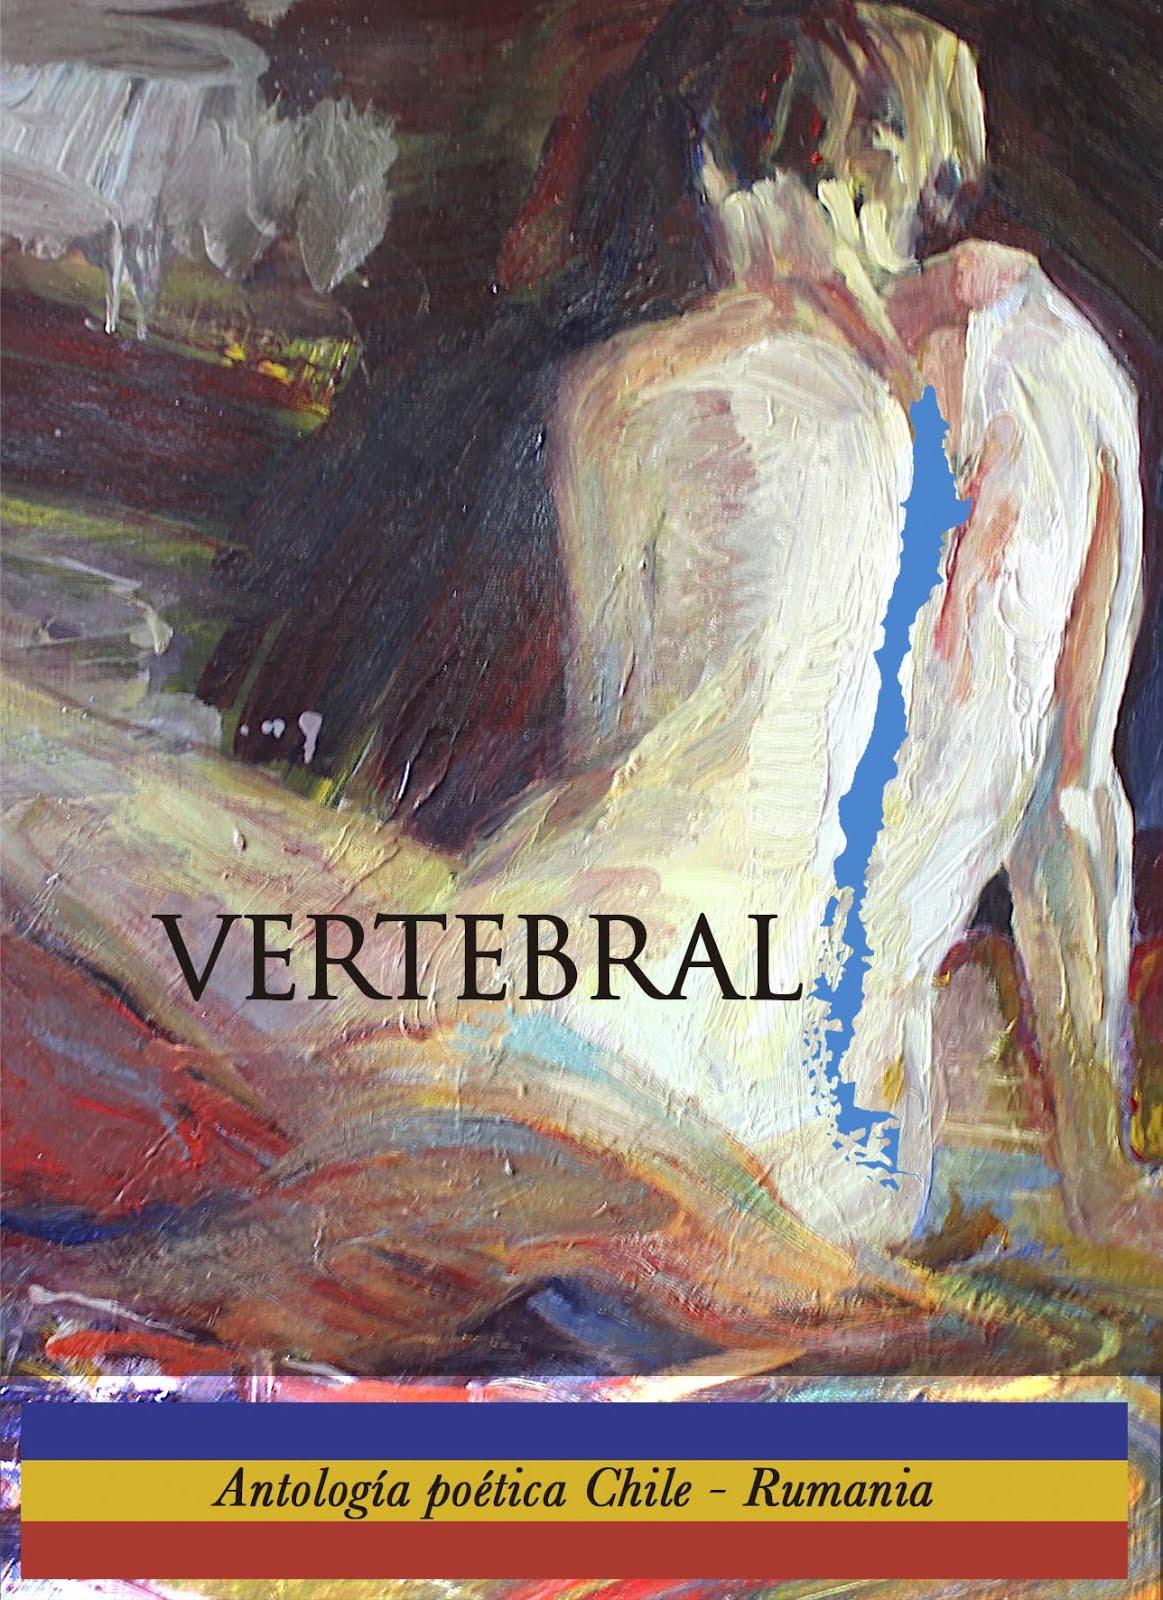 Queridos amigos, les avisare oportunamente cuando el libro este a la venta en Chile